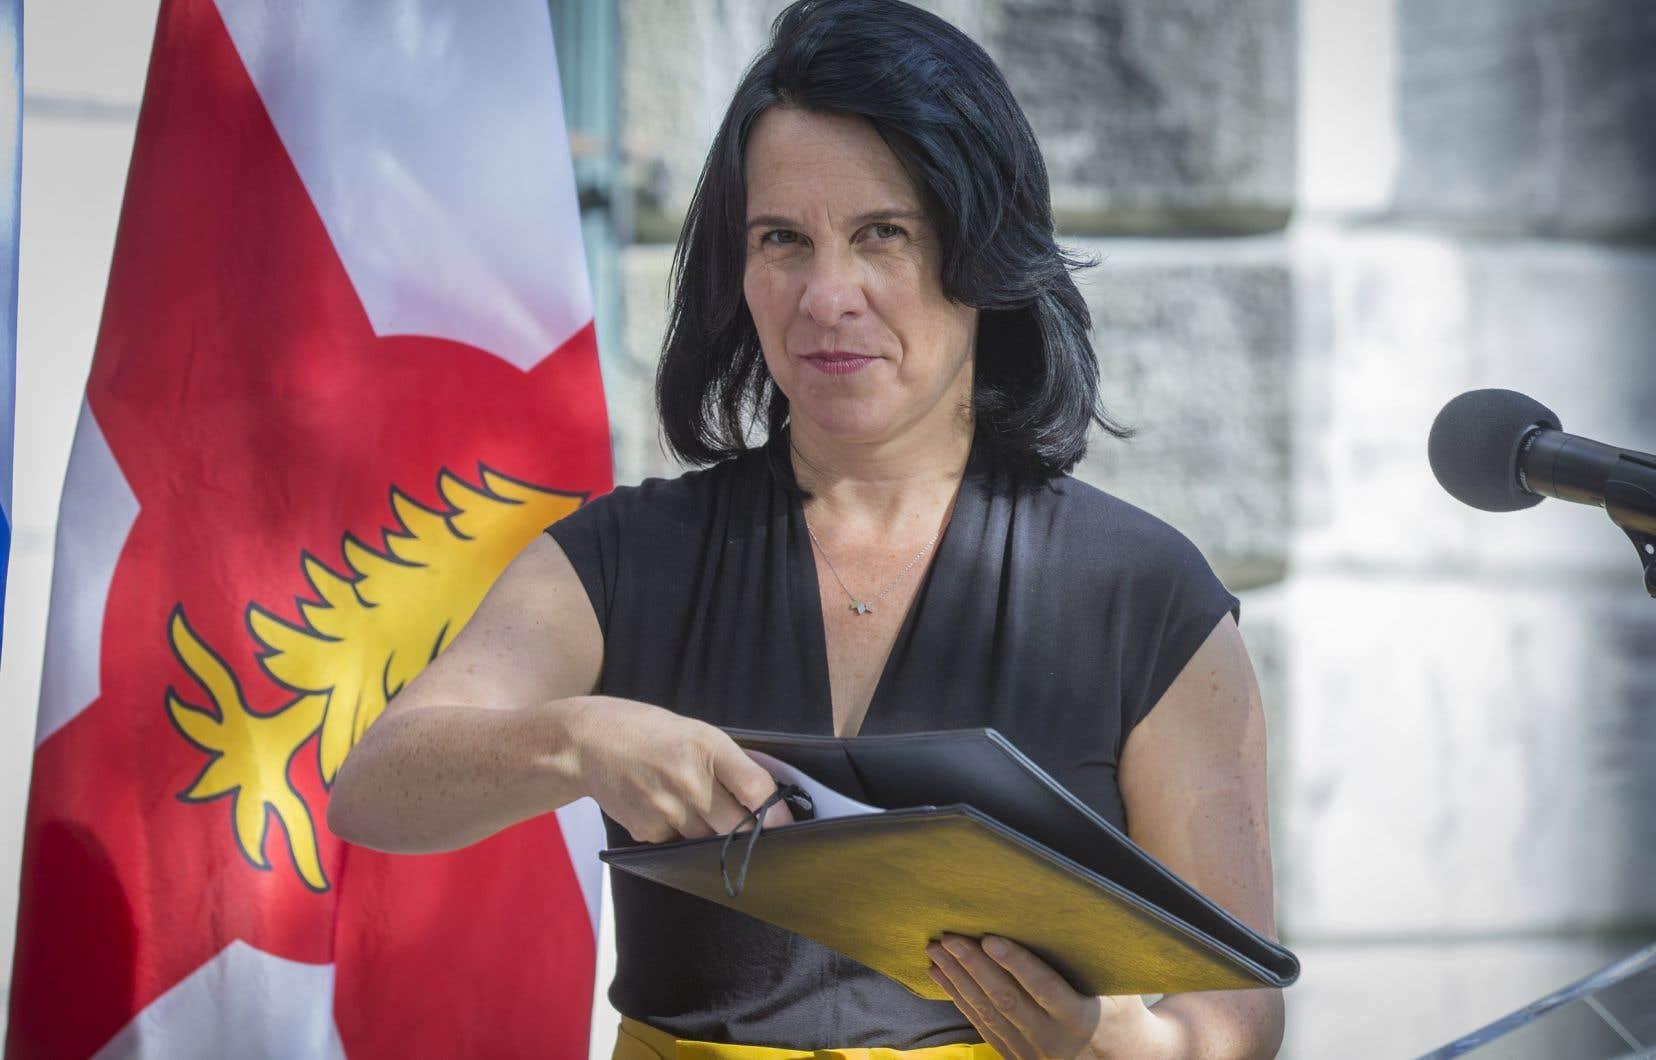 «Le fédéral doit agir pour bannir les armes d'assauts mais également de poing», a redemandé Valérie Plante mardi.